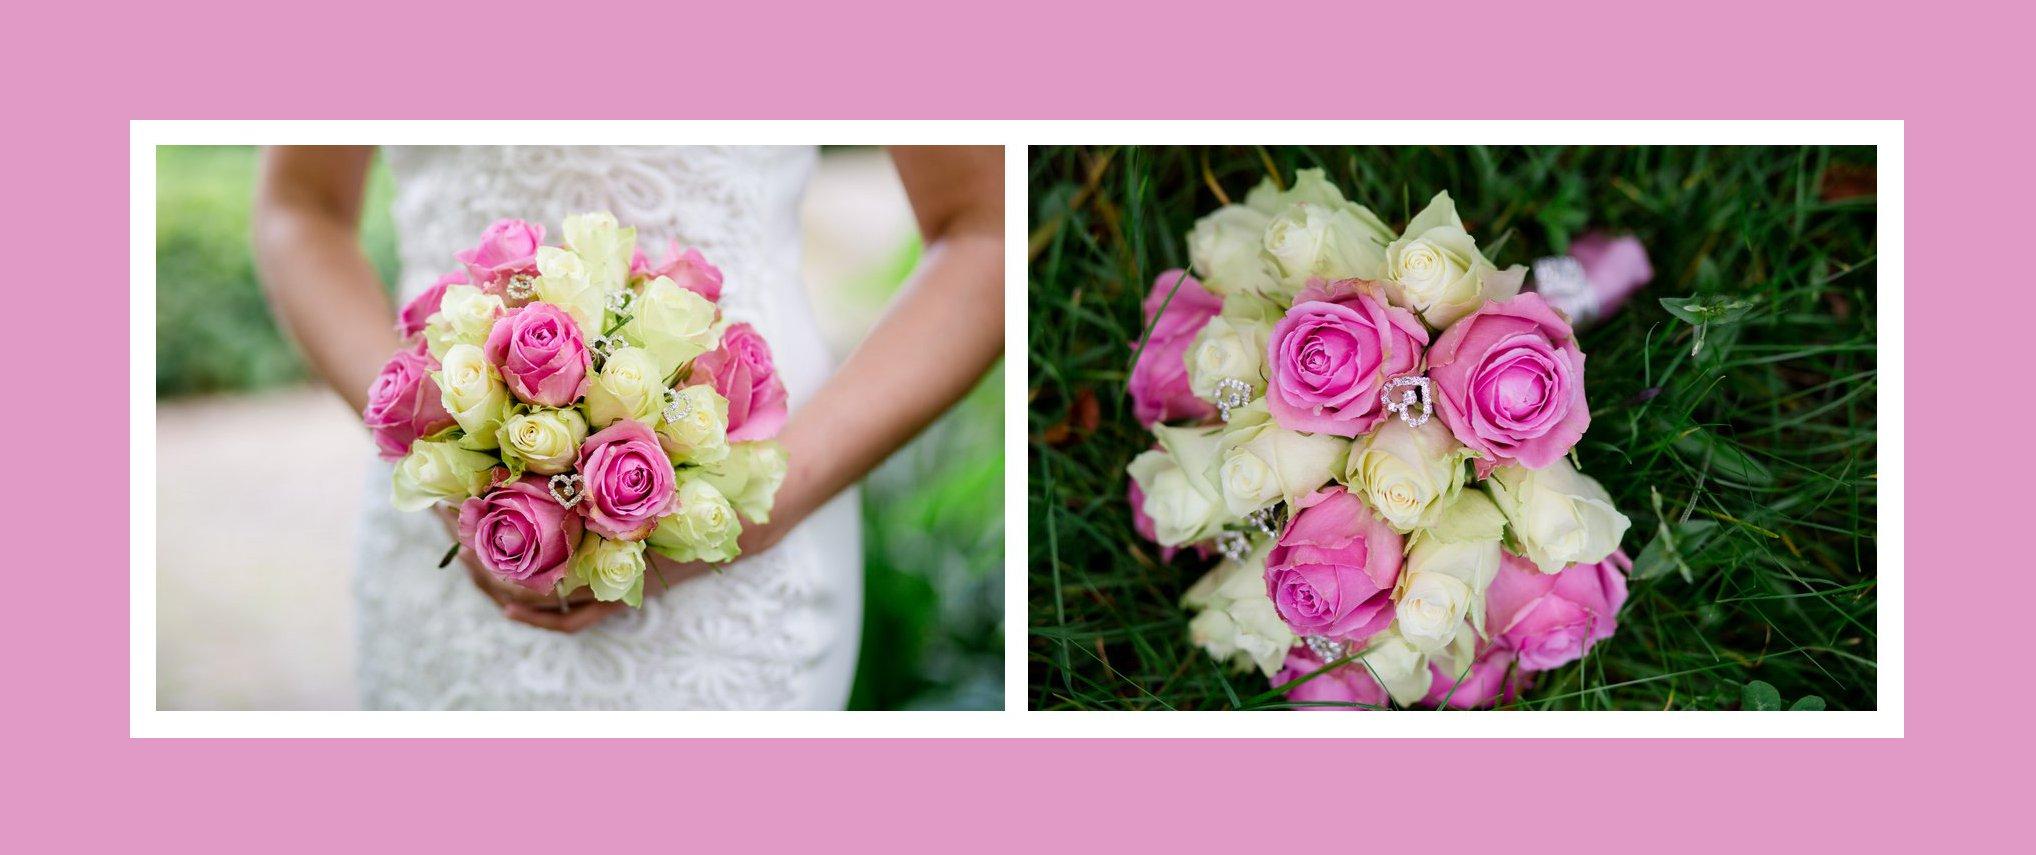 Brautstrauß Rosa-Creme aus Rosen